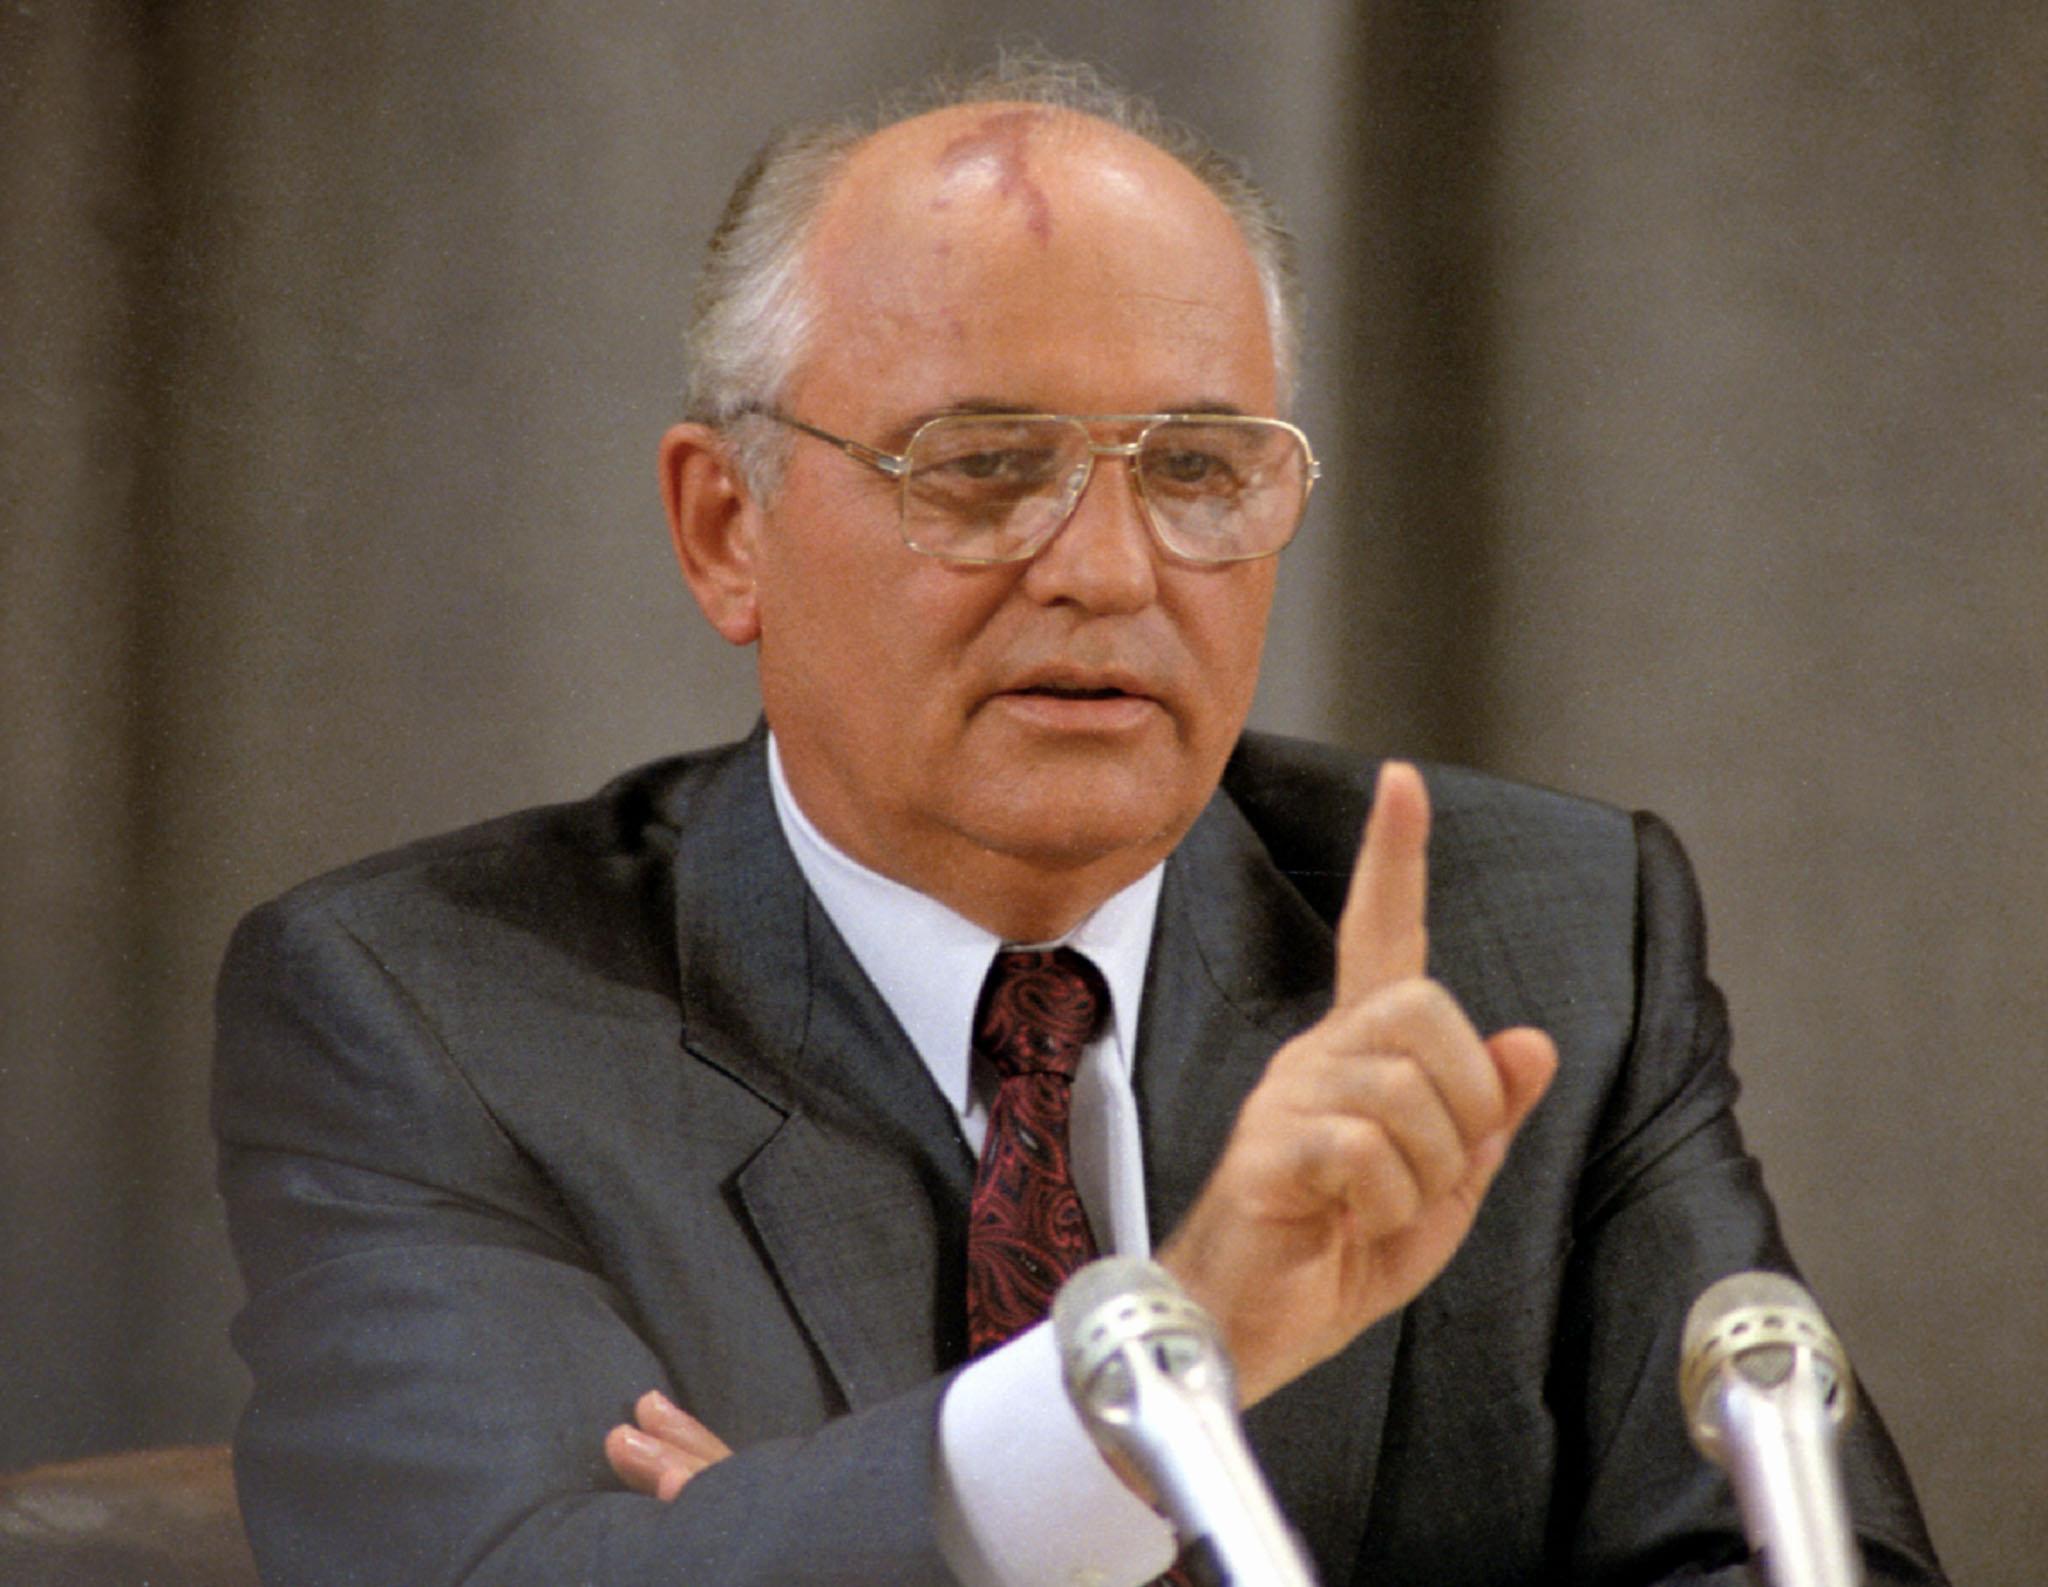 Президент СССР Горбачев М.С. даёт пресс-конференцию после возвращения из Фороса, 1991г.  . Фото Анатолия Морковкина /Фотохроника ТАСС